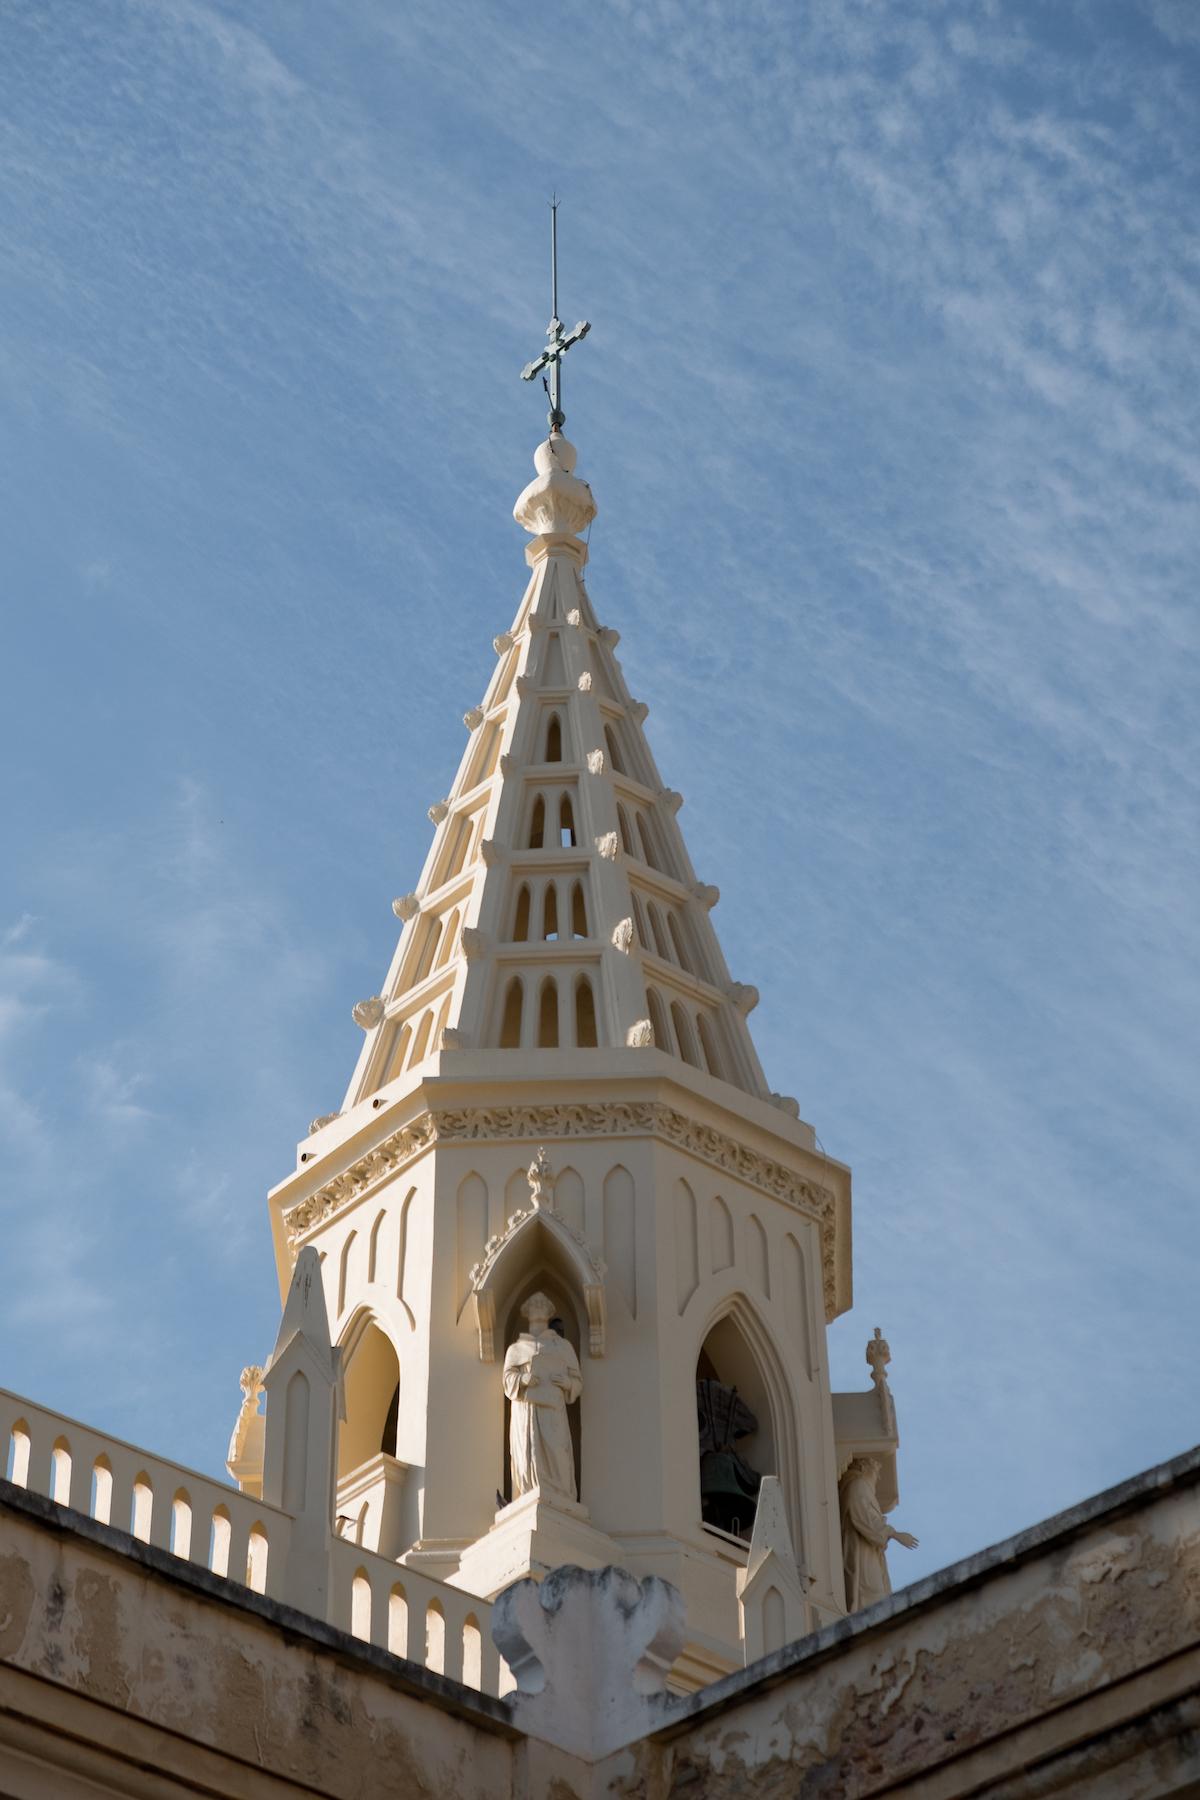 Santuario de Nuestra Señora de Regla (Monastery) in Chipiona, Andalucia.